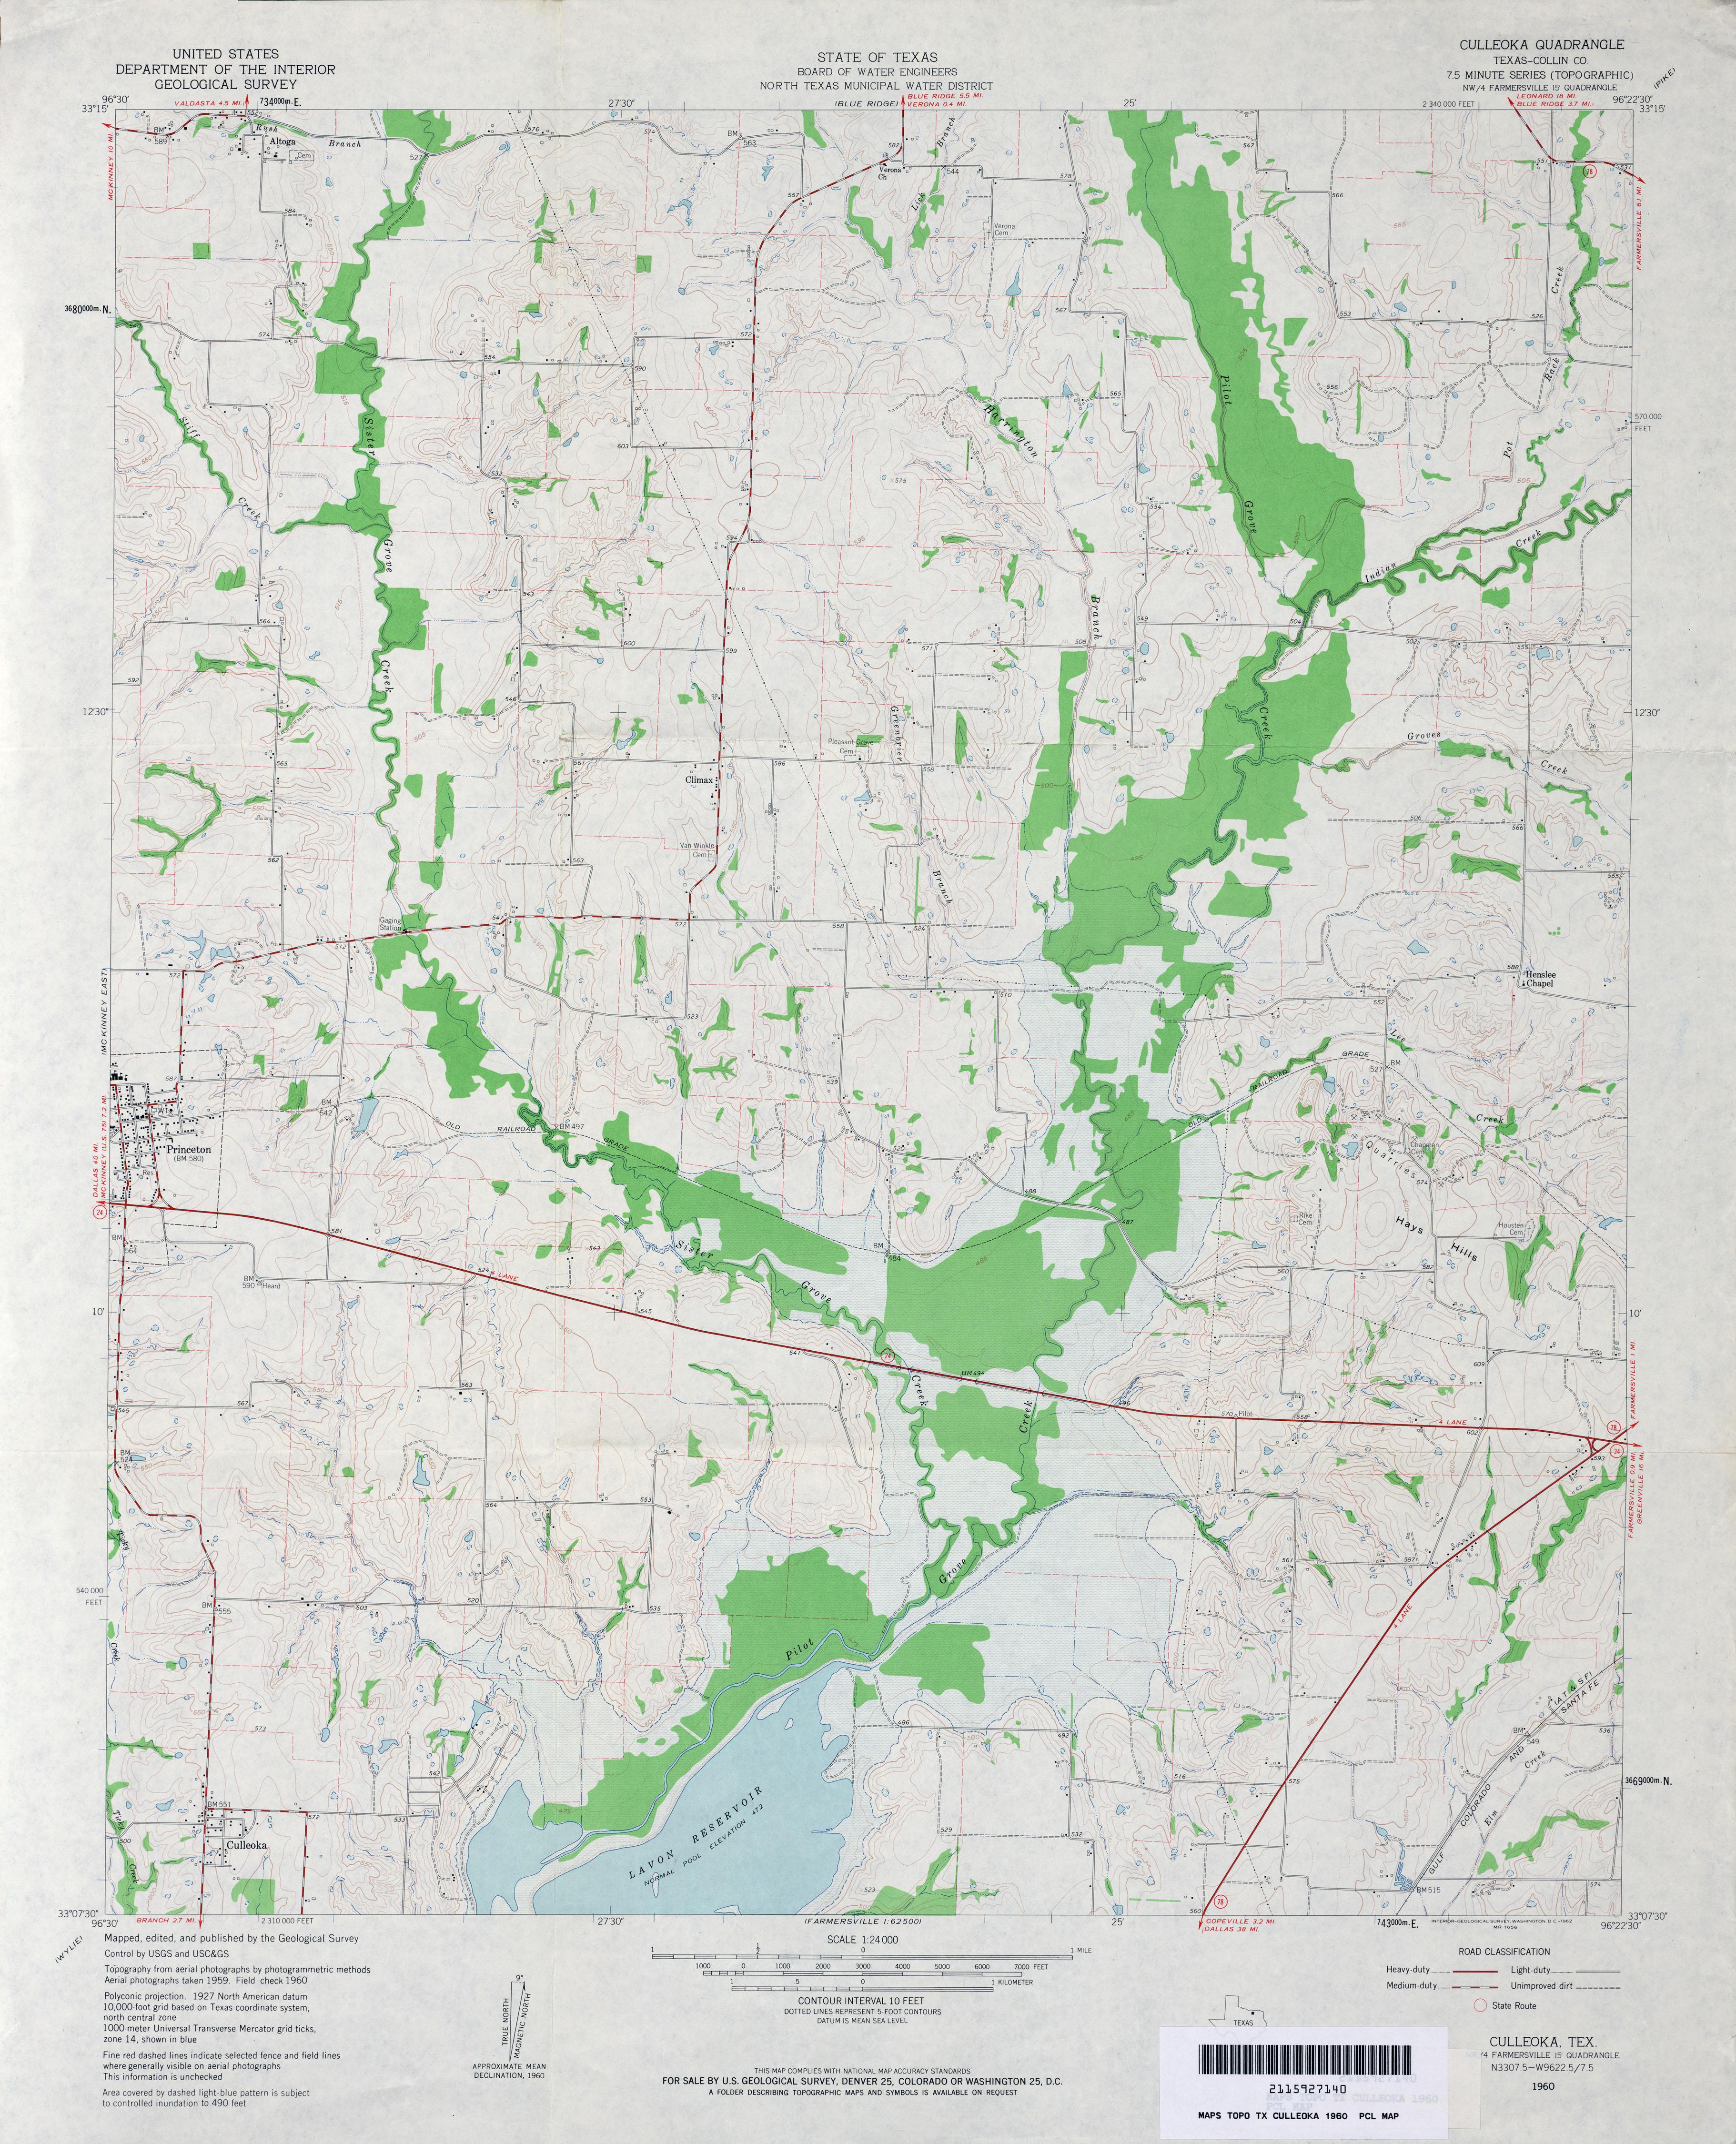 Pre-1974 Lavon Map